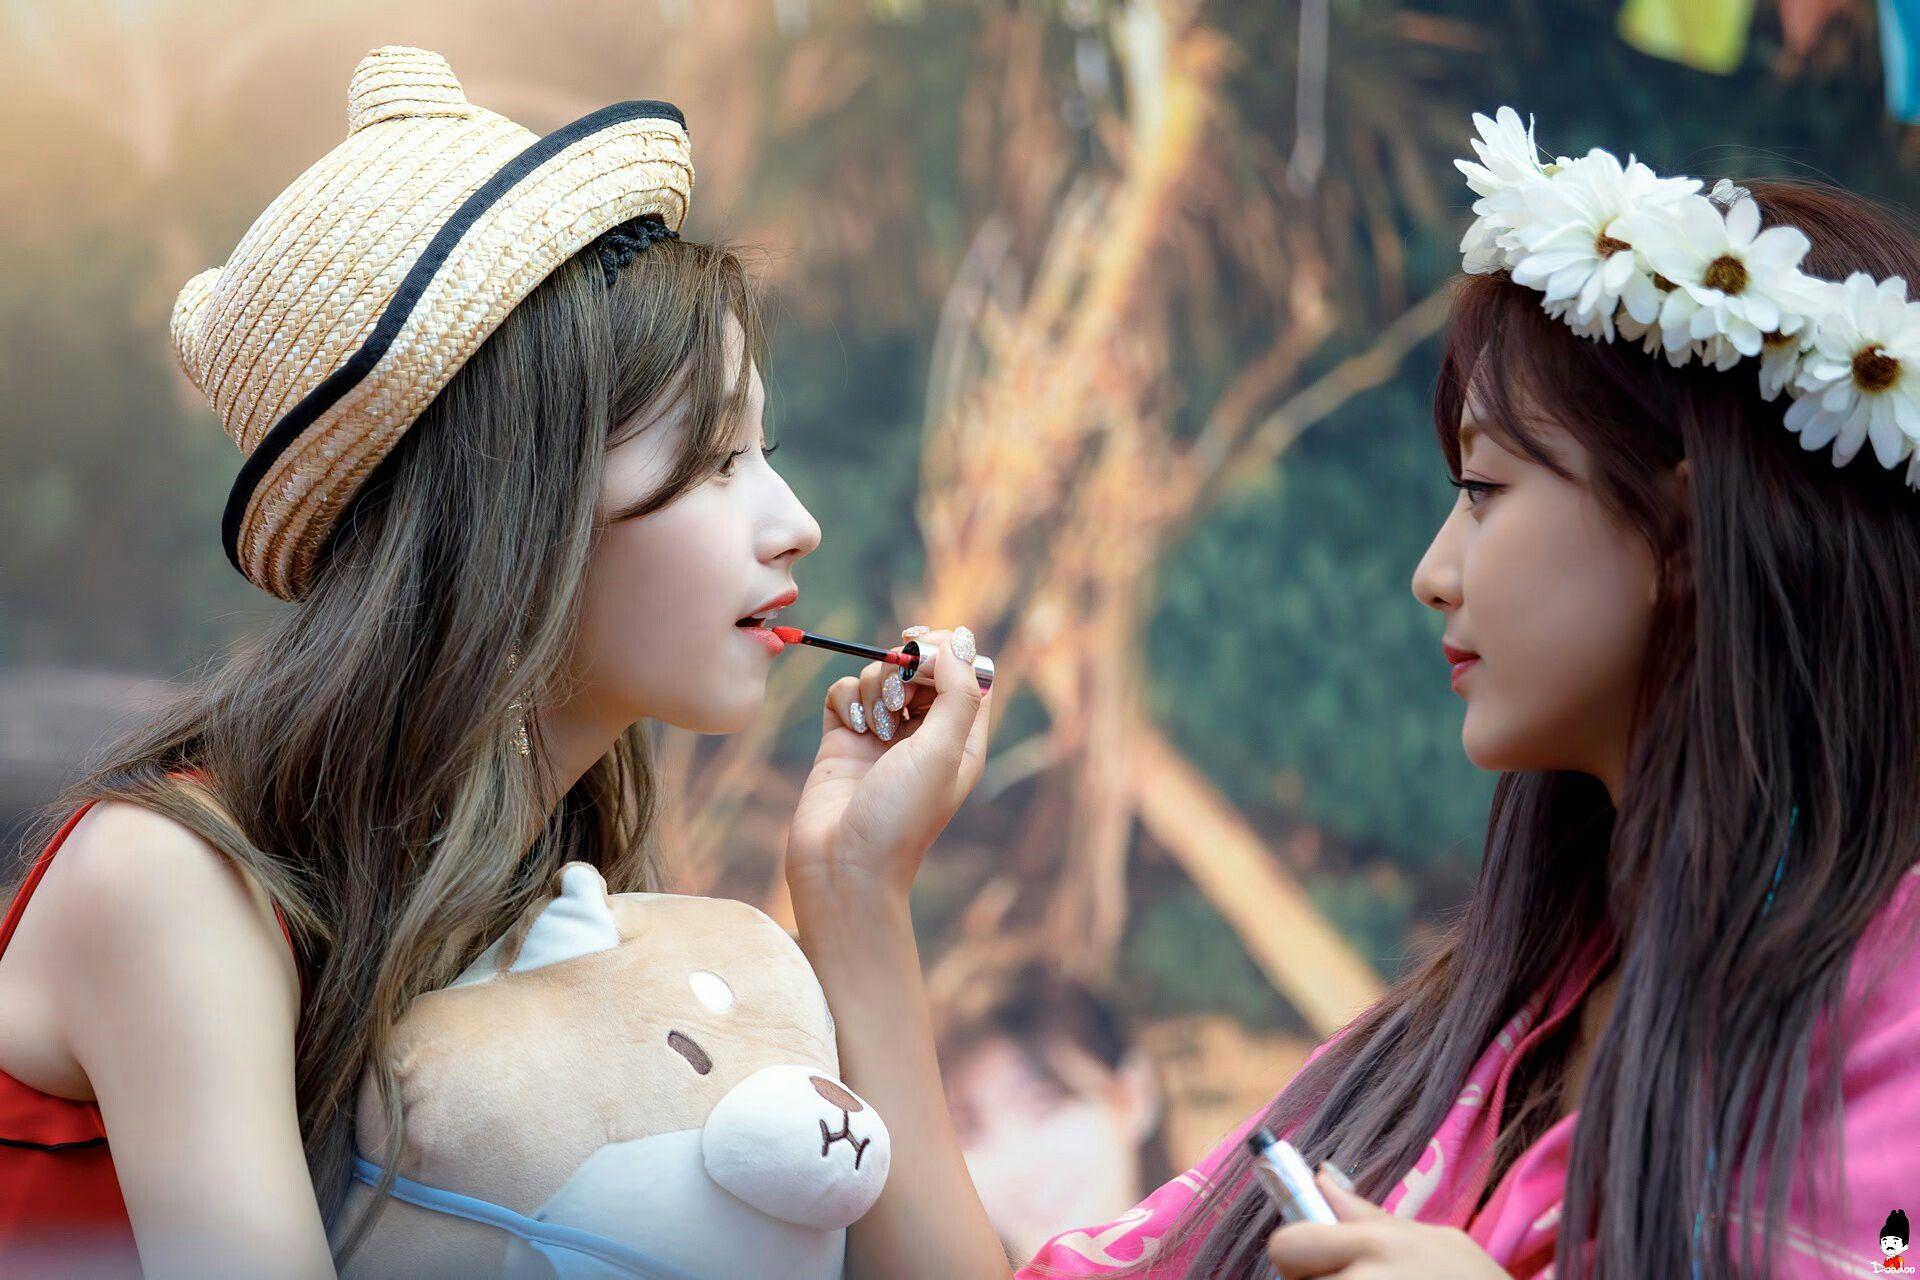 180722 Twice Sana And Jihyo Dance The Night Away Fansign